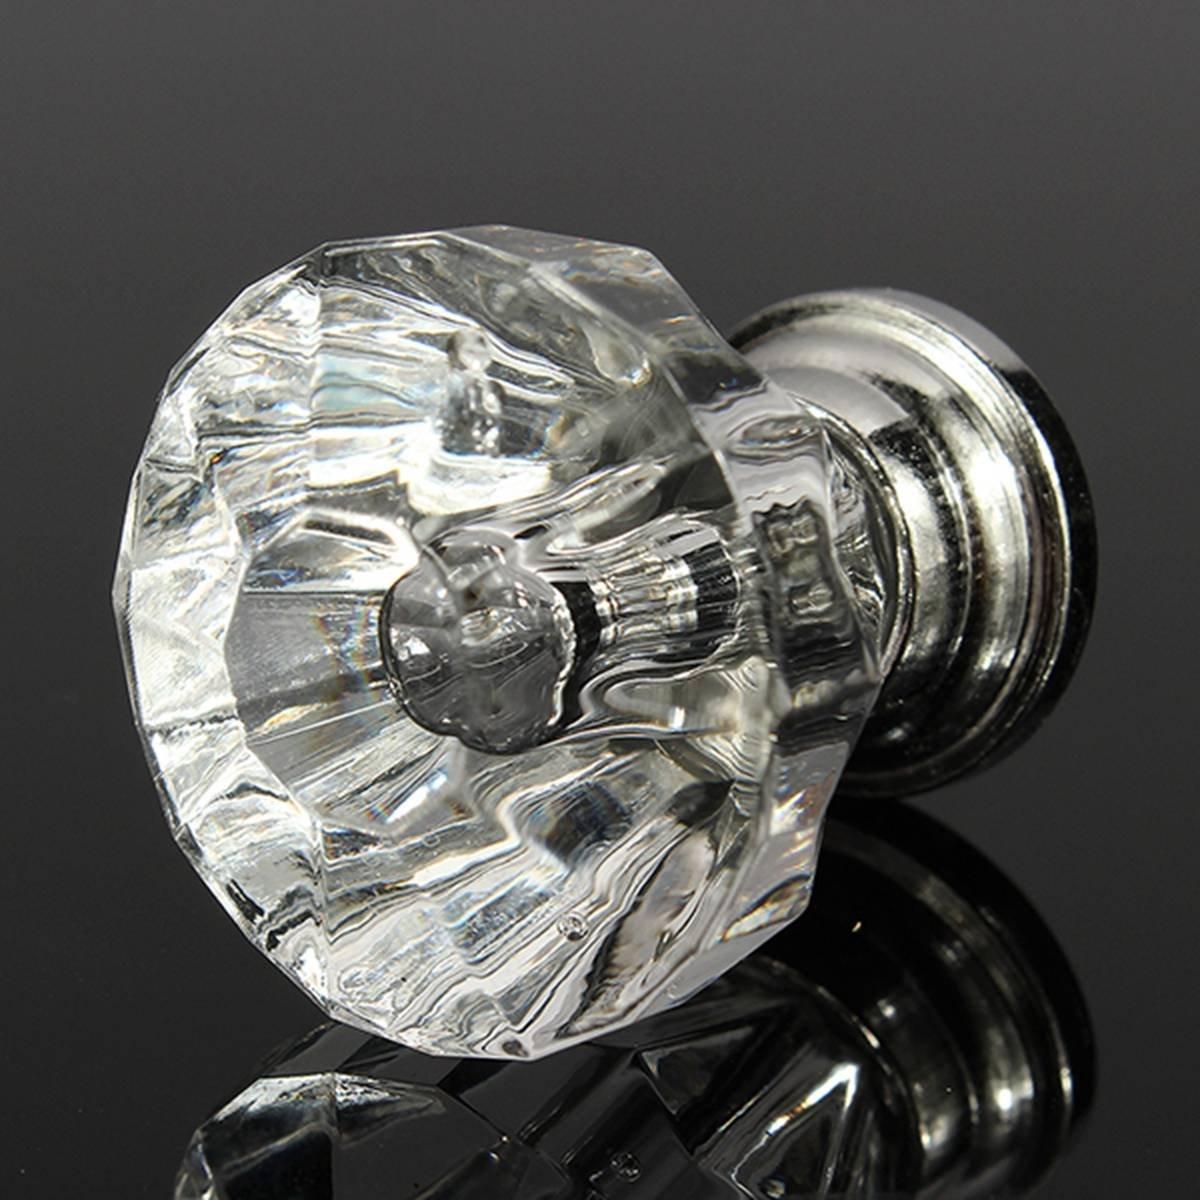 acrylic door knob photo - 6